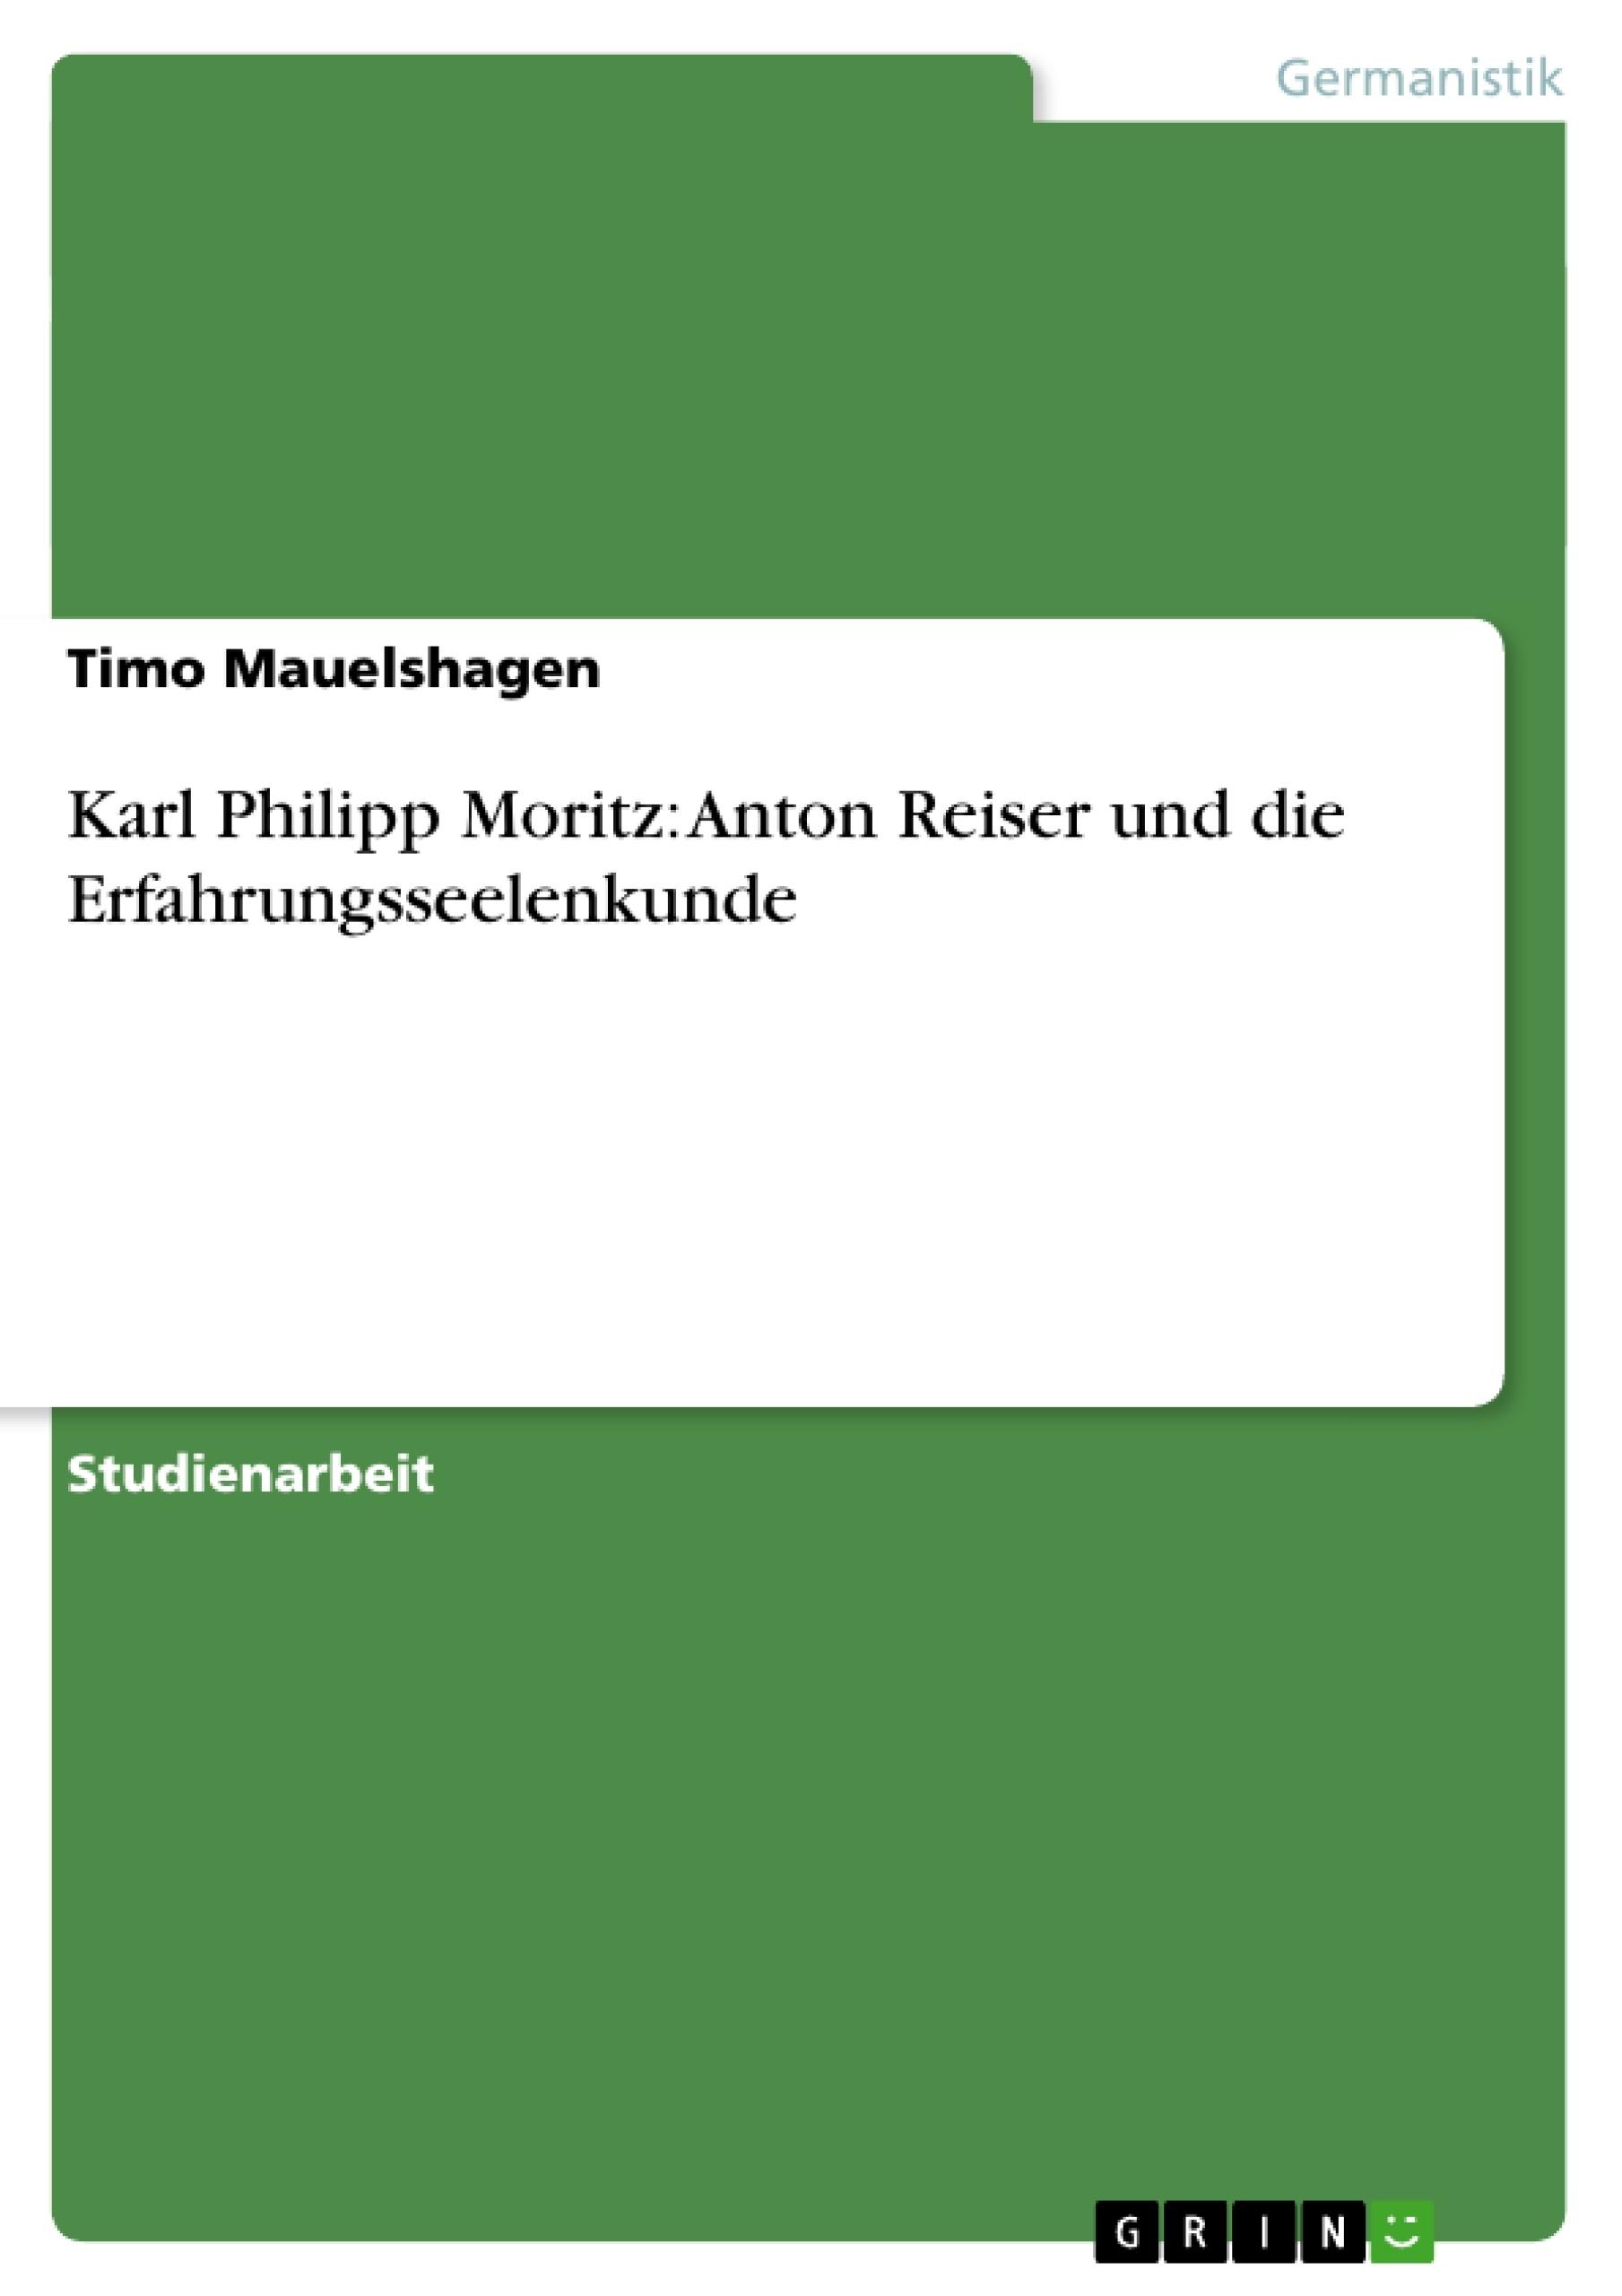 Titel: Karl Philipp Moritz: Anton Reiser und die Erfahrungsseelenkunde